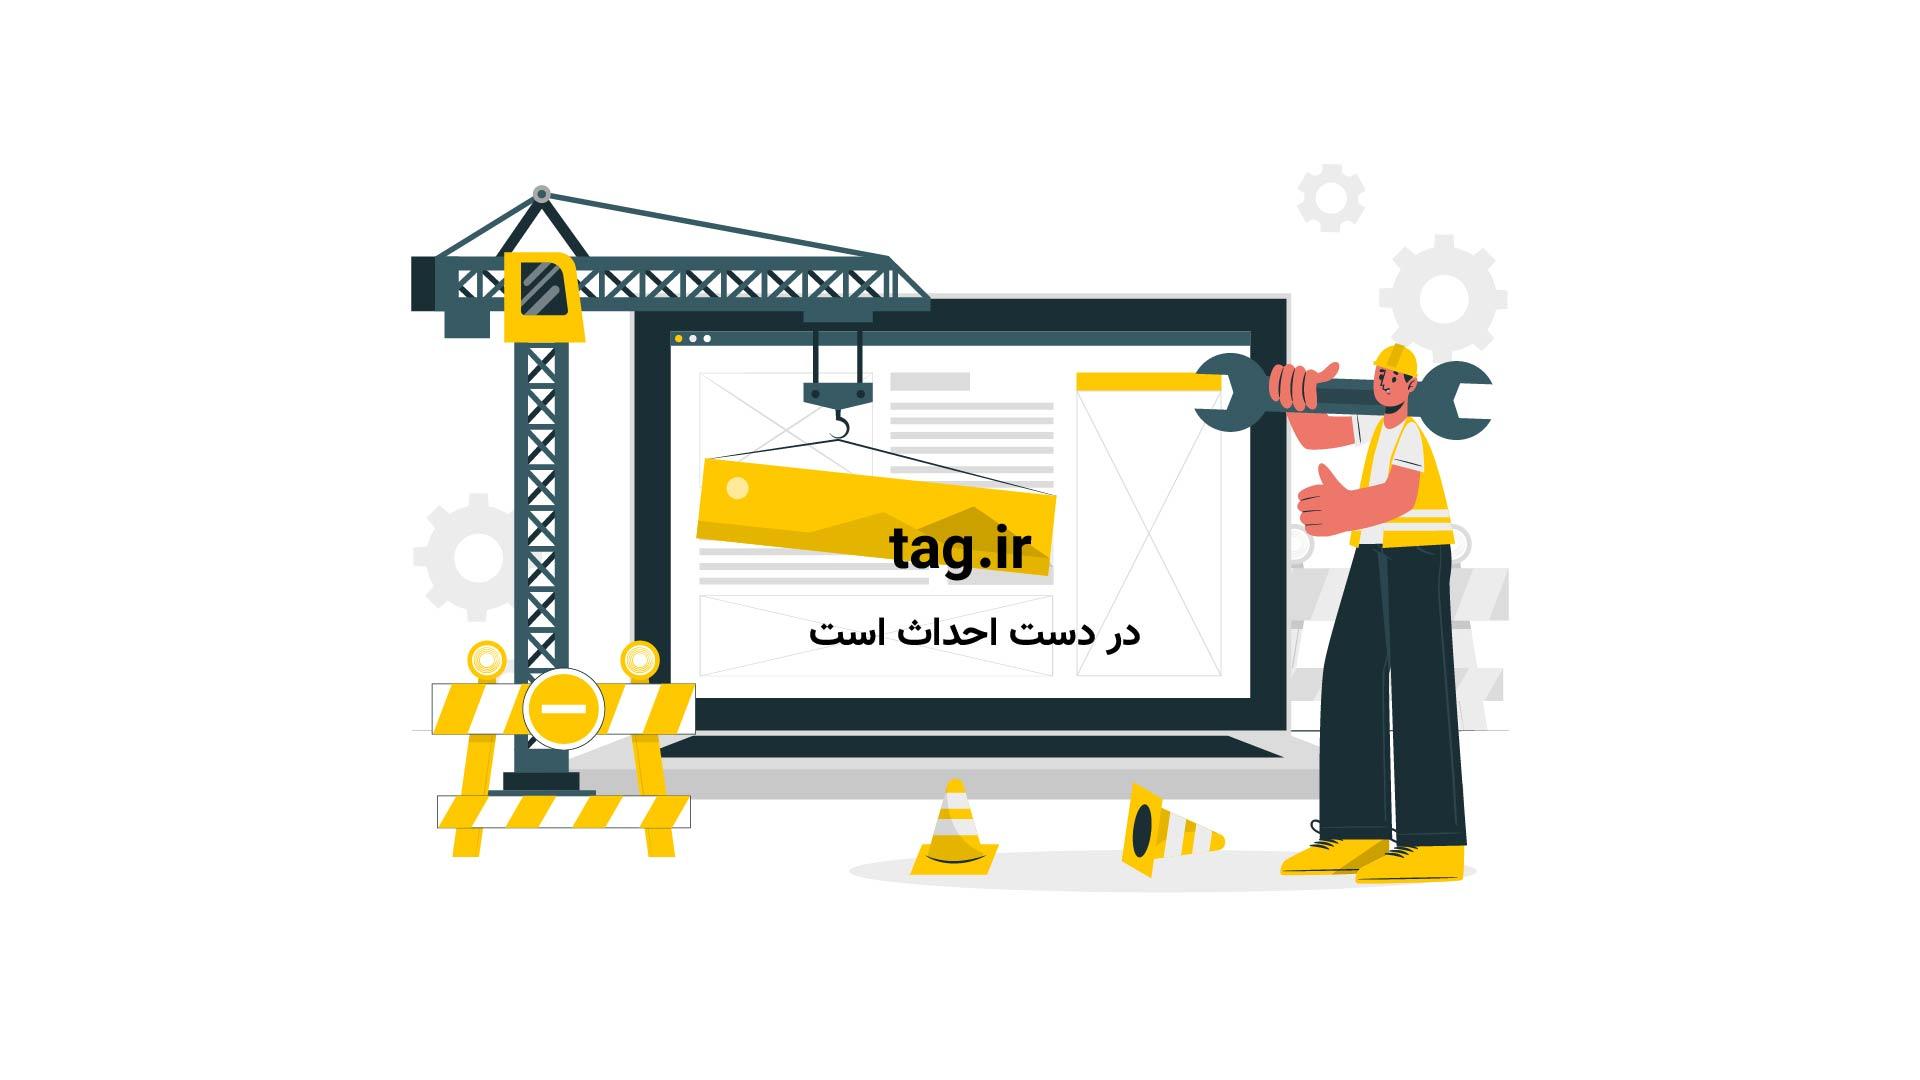 دفاع رئیس جمهور از آذری جهرمی وزیر پیشنهادی ارتباطات و فناوری اطلاعات | فیلم